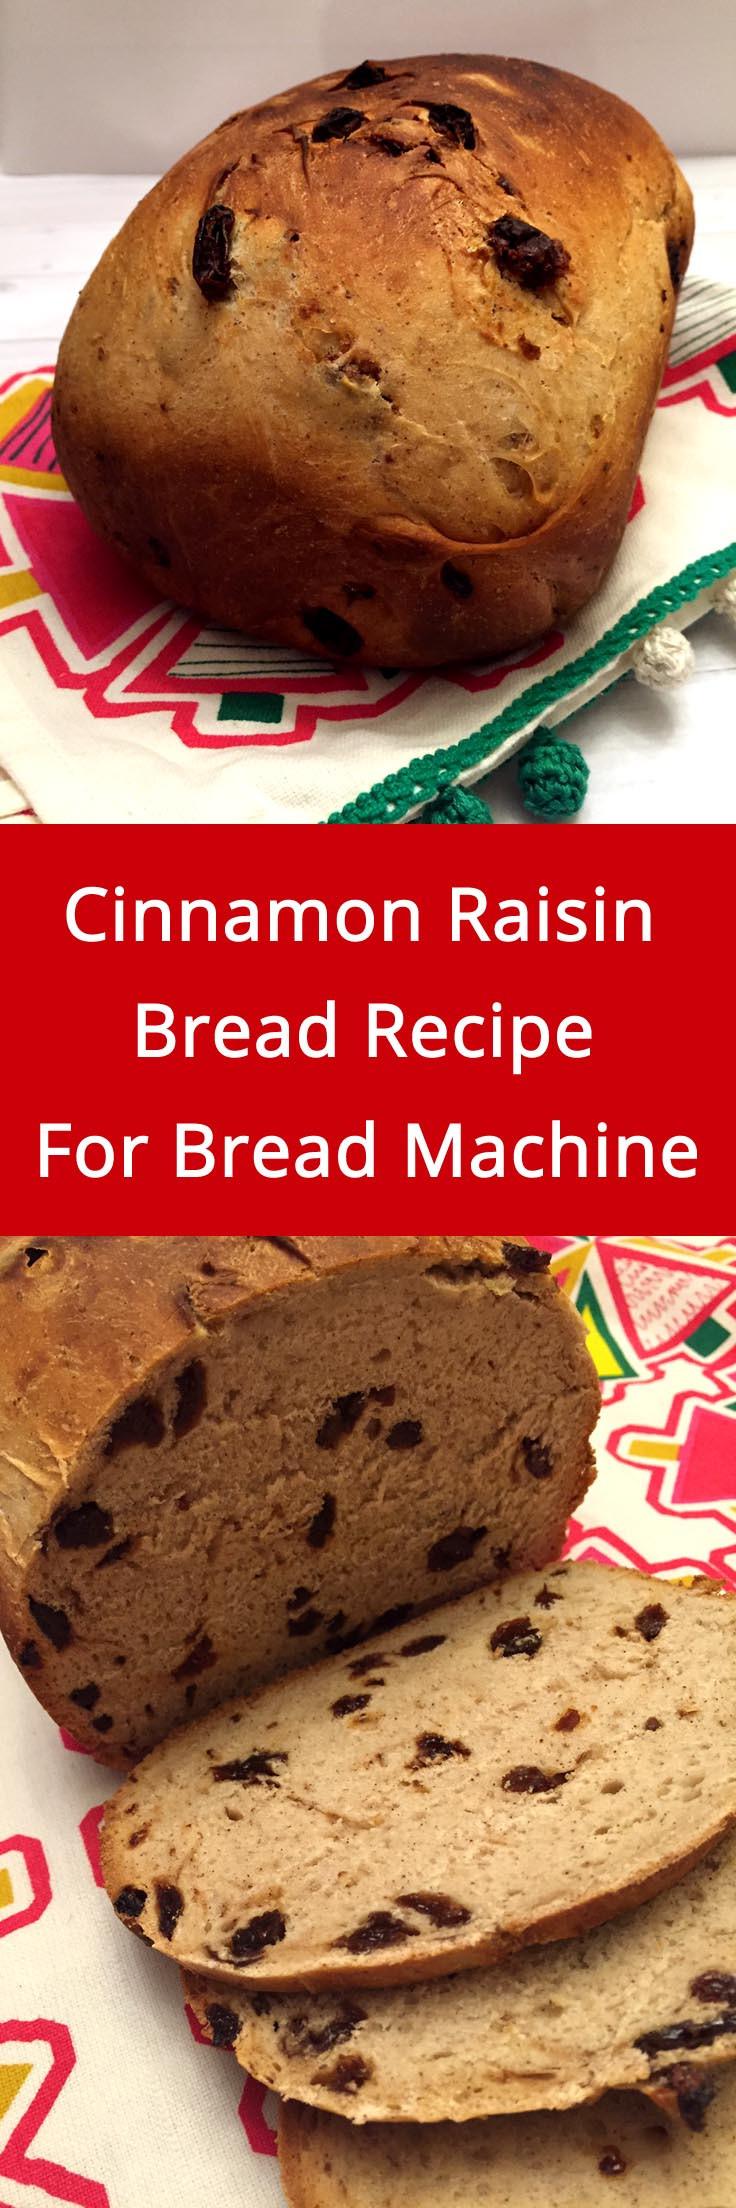 Bread Recipes For Bread Machine  Cinnamon Raisin Bread Recipe For Bread Machine – Melanie Cooks